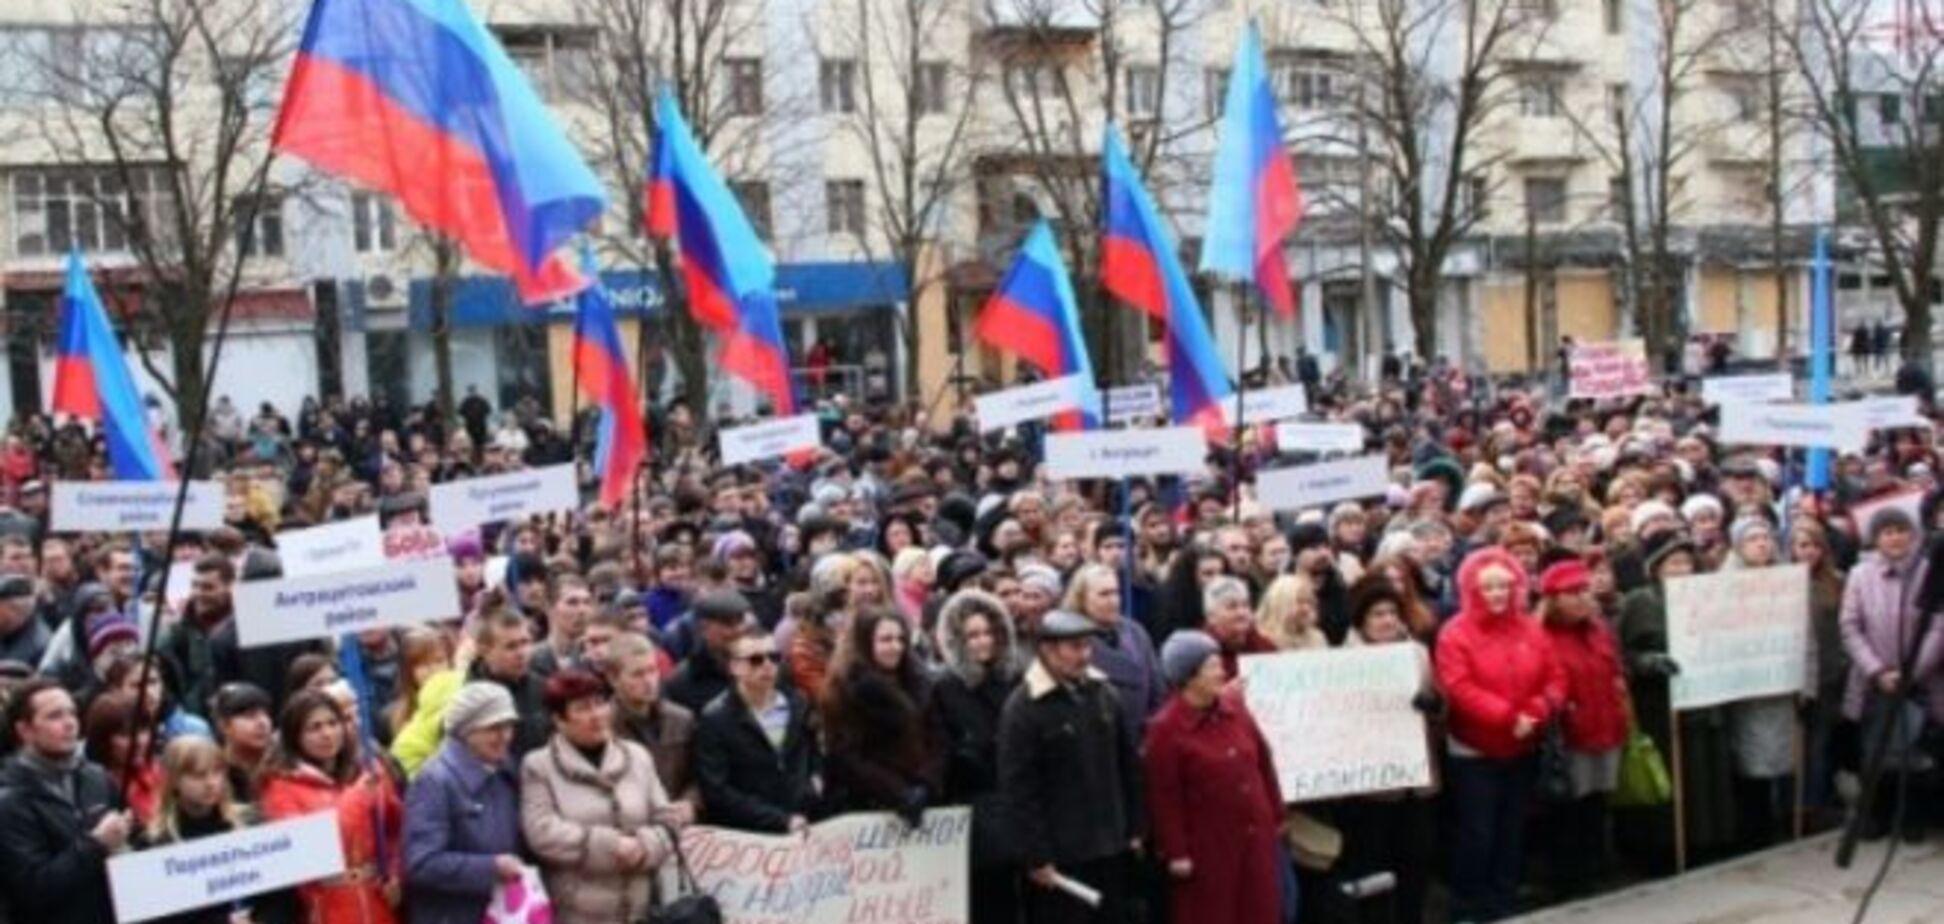 Со второй попытки: луганчане рассказали, как на самом деле проходил 'митинг' против 'геноцида'